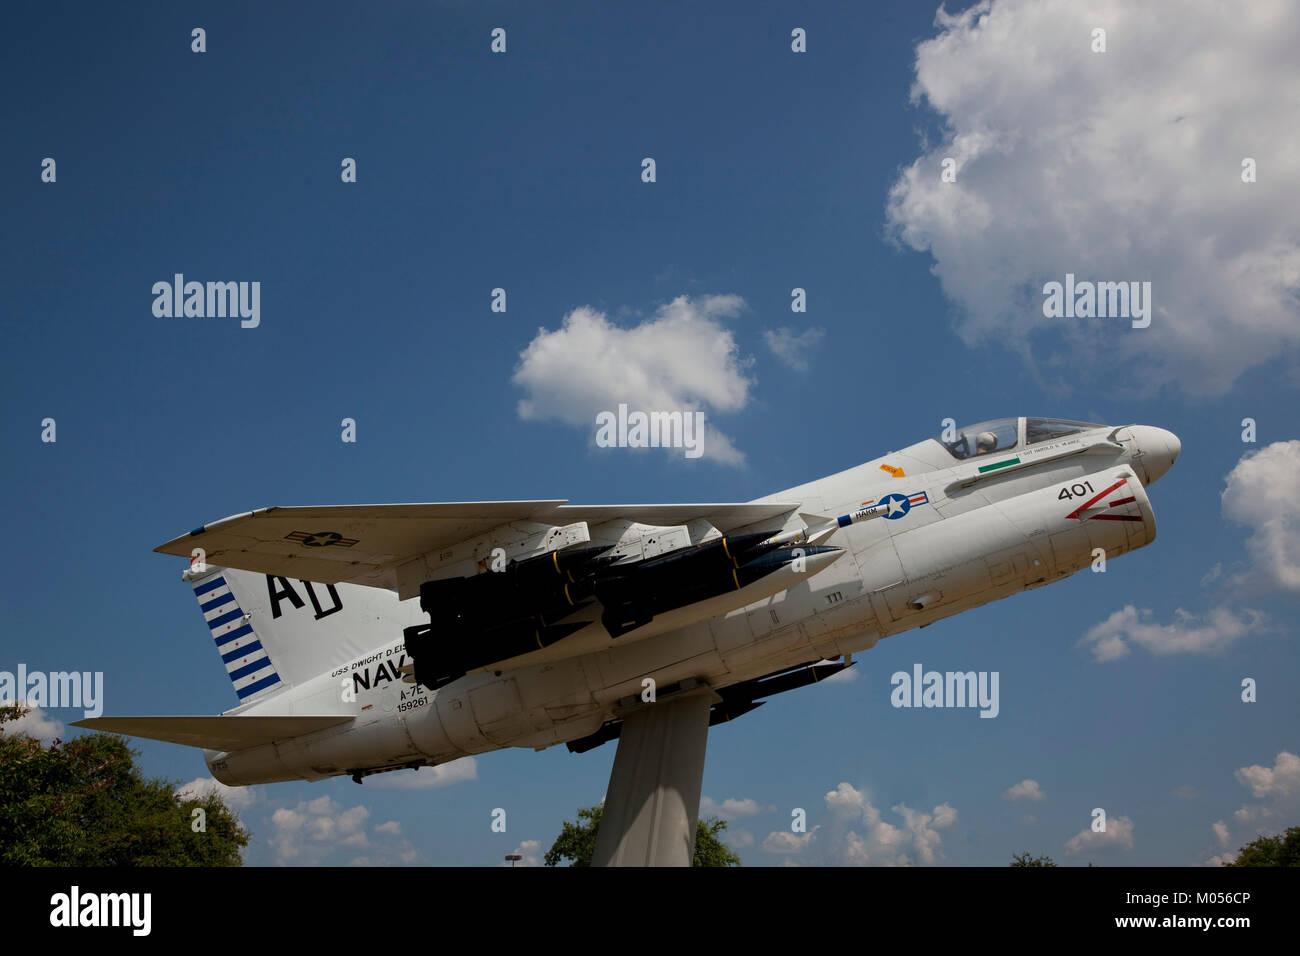 Veterans Memorial Park in Tuscaloosa, Alabama - Stock Image